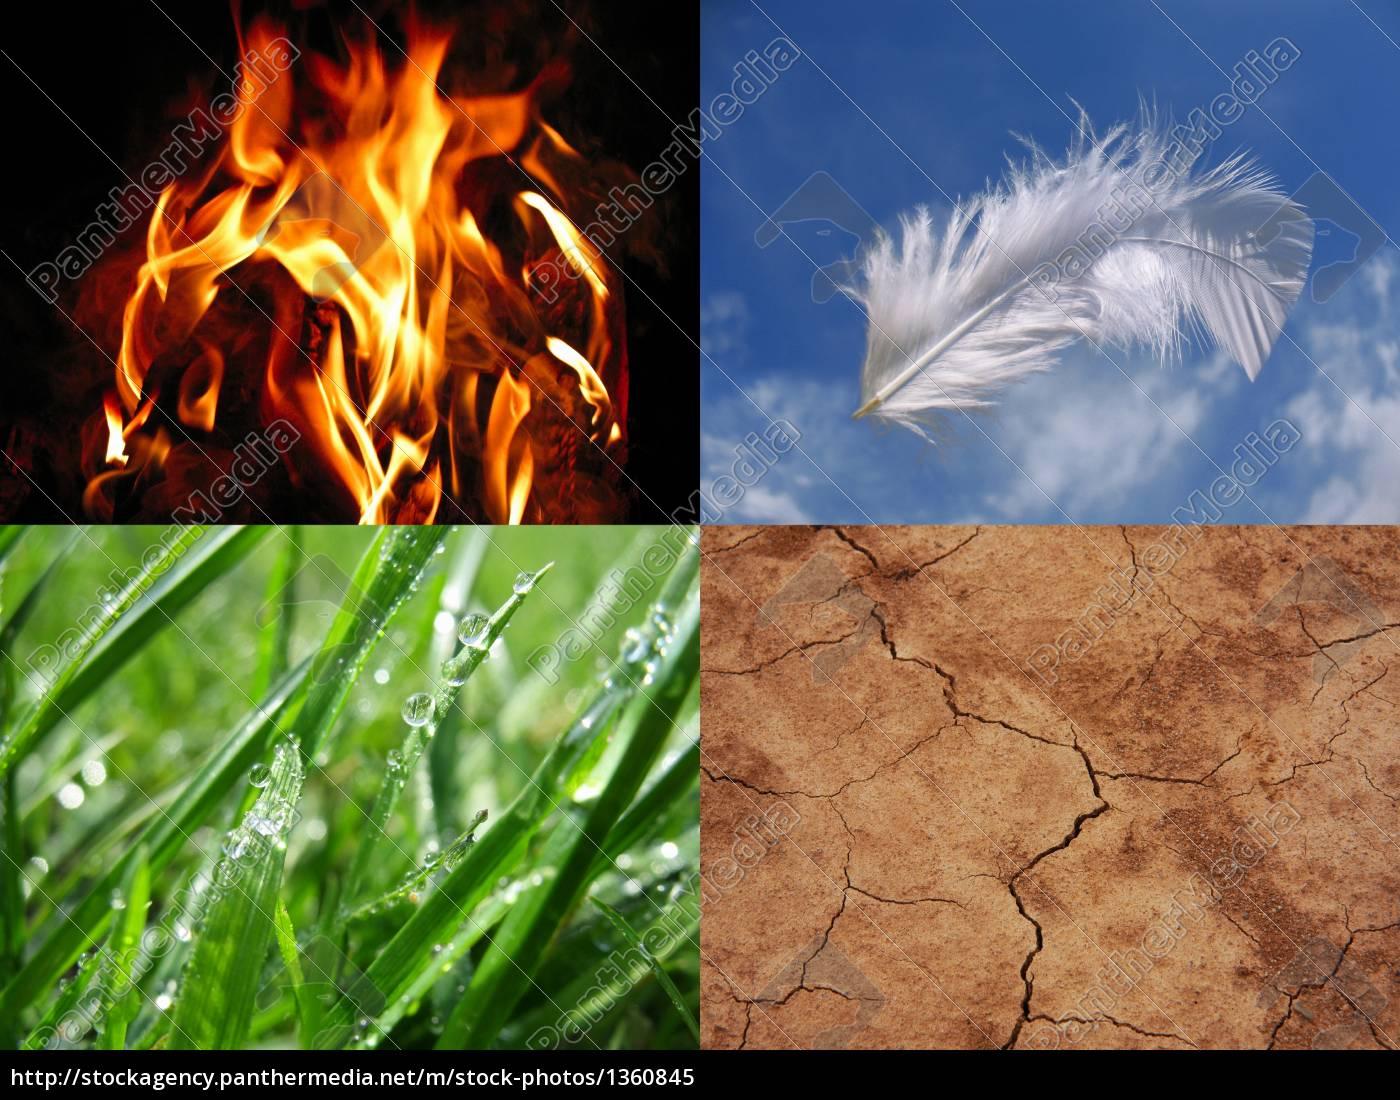 natural, elements - 1360845